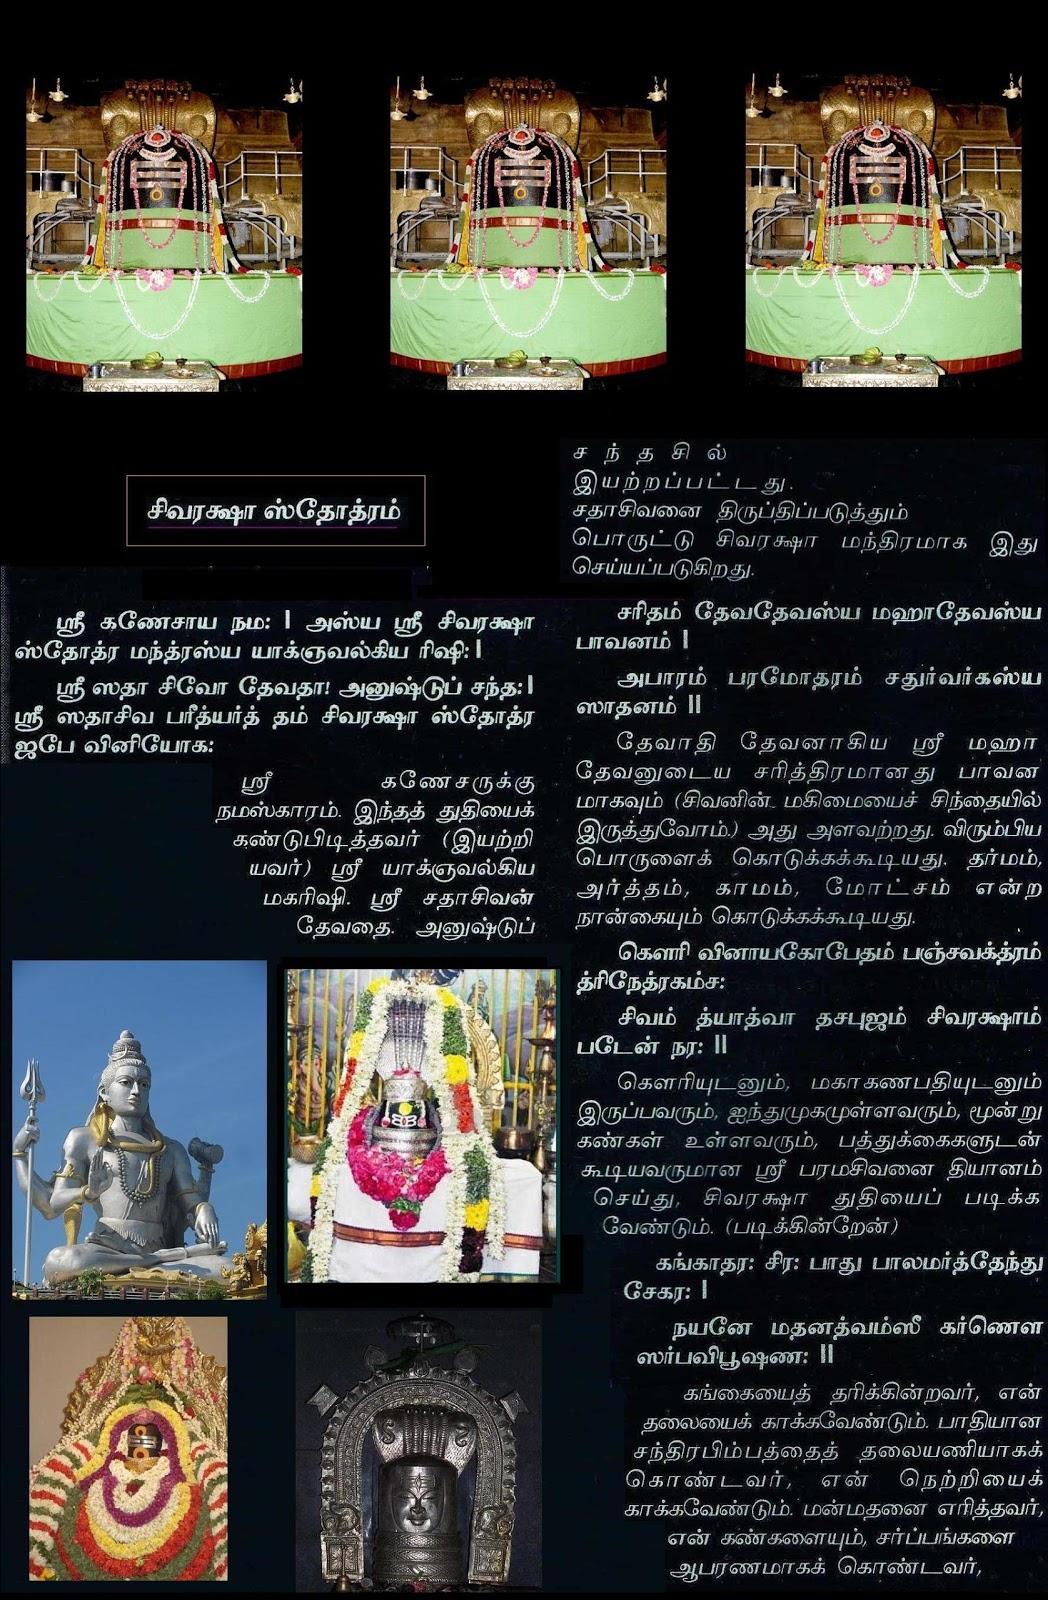 Shiva shadakshara stotram lyrics in tamil